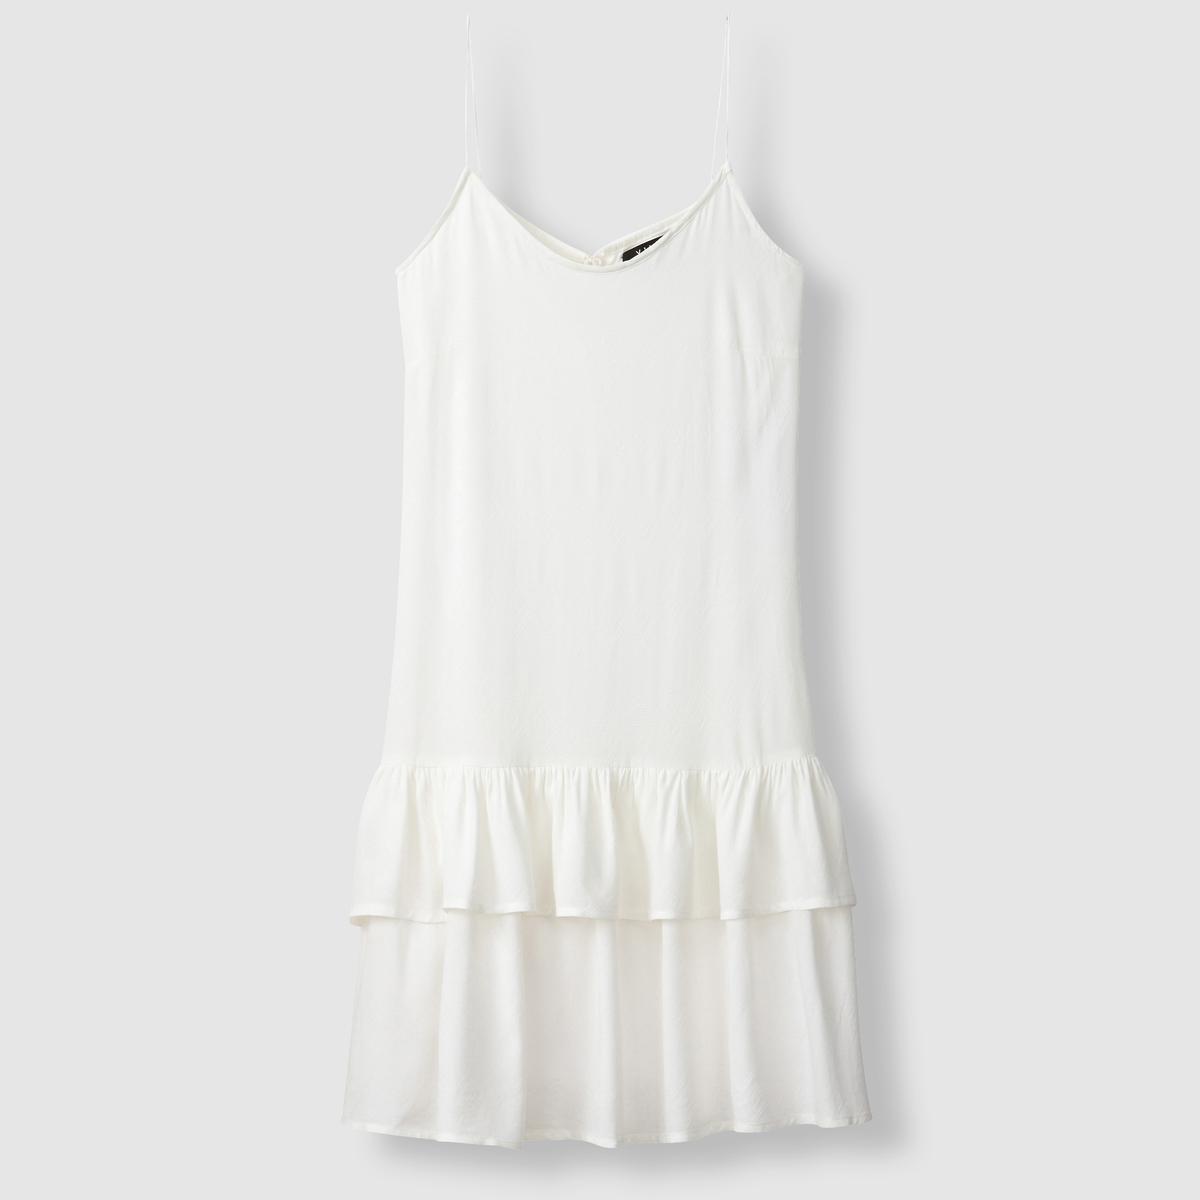 Платье на бретелях, низ с воланами VILA VISIMU STRAP DRESSПлатье VISIMU STRAP DRESS от VILA. Бретели. Низ блузки с воланами. Завязки с помпонами . Состав и описание  :   Материал : 100% вискозыМарка : VILA.<br><br>Цвет: белый